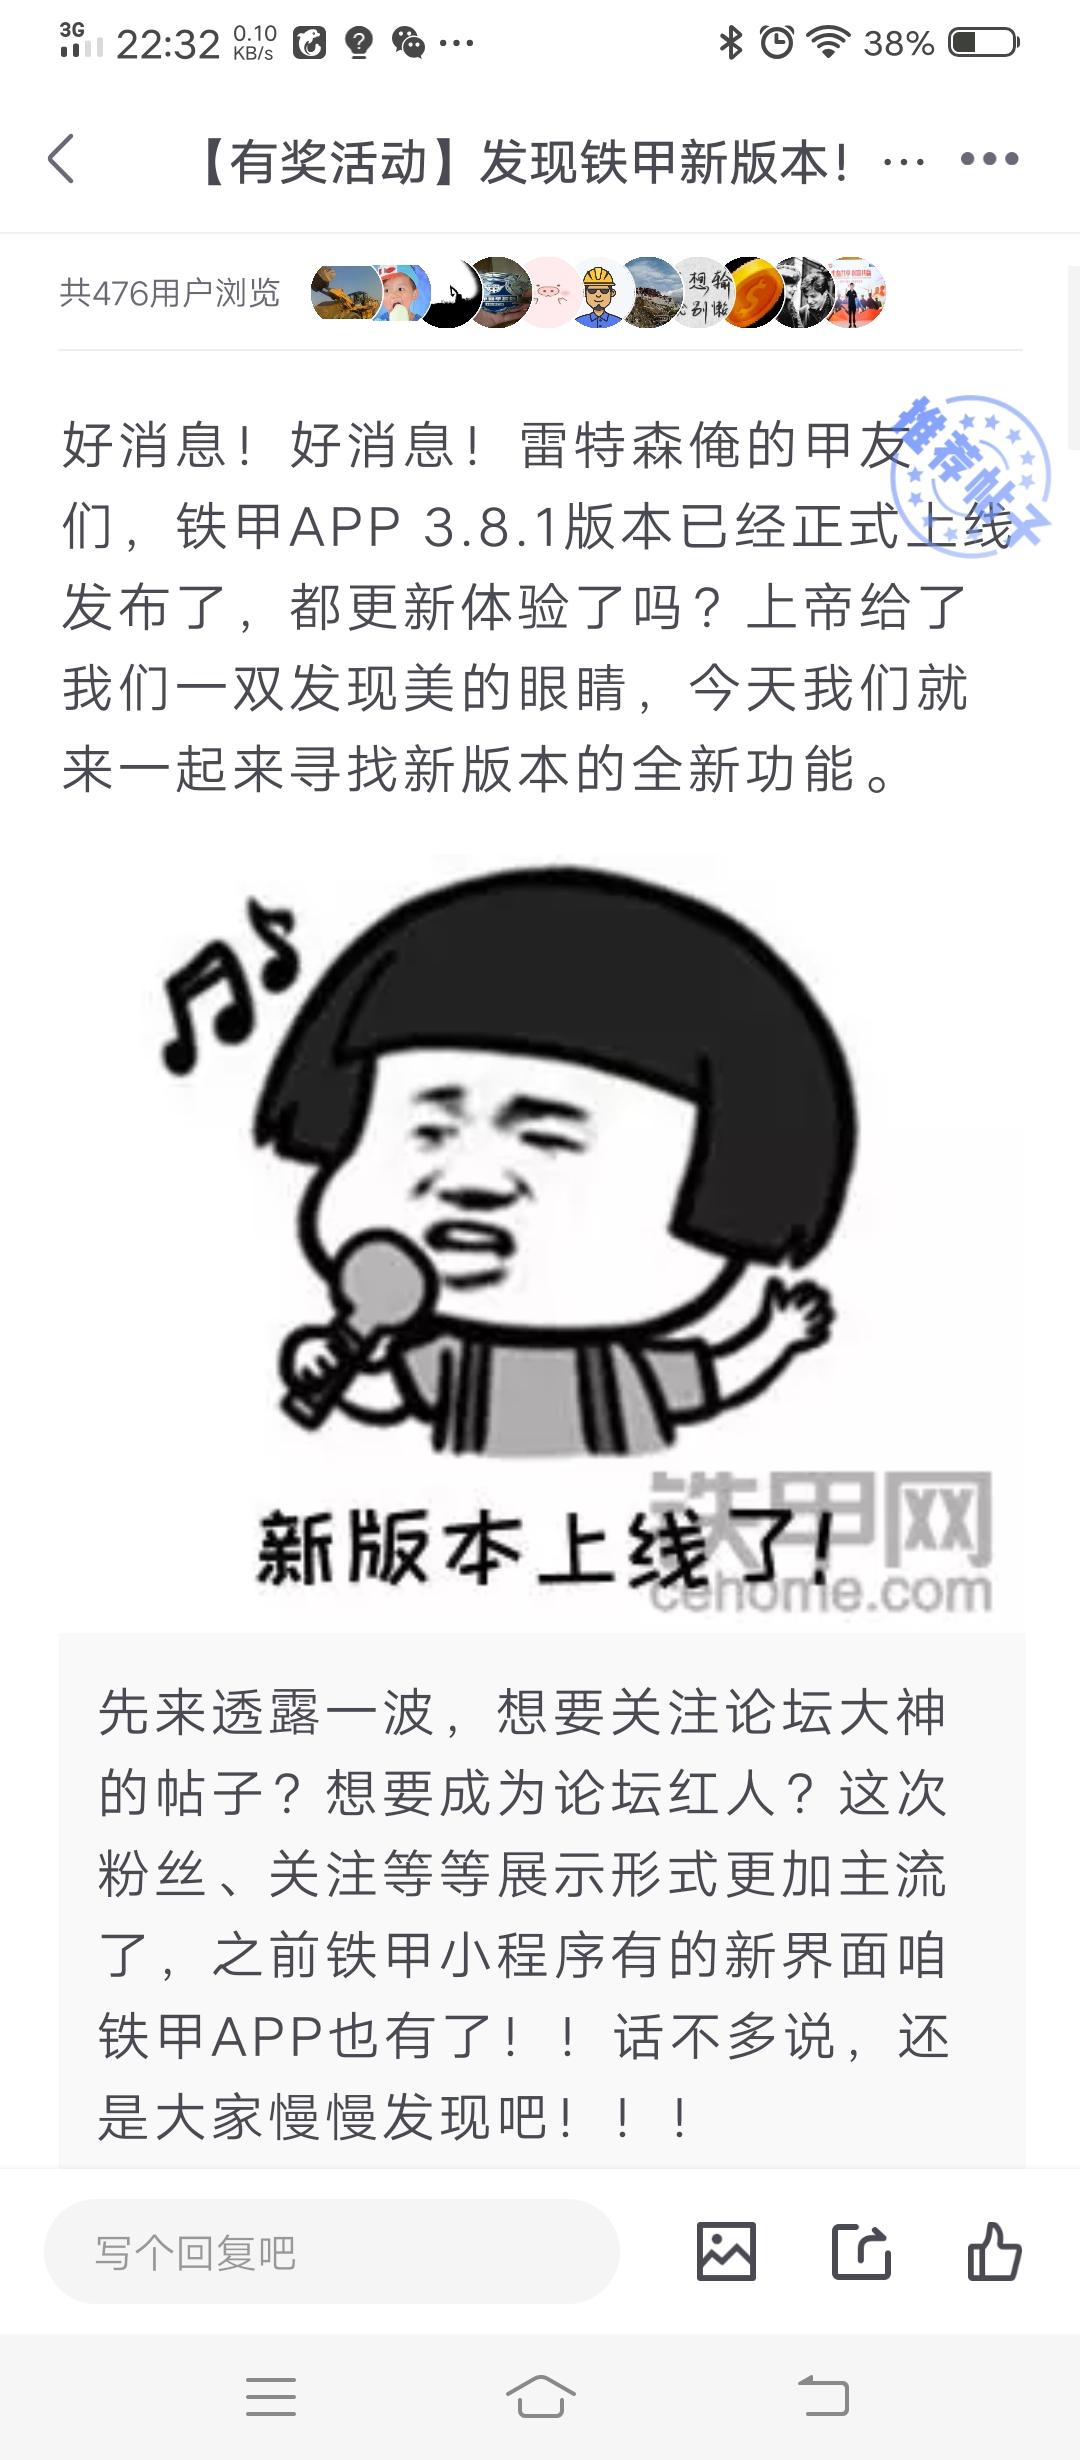 【发现新版本】之五湖四海甲友集结号!